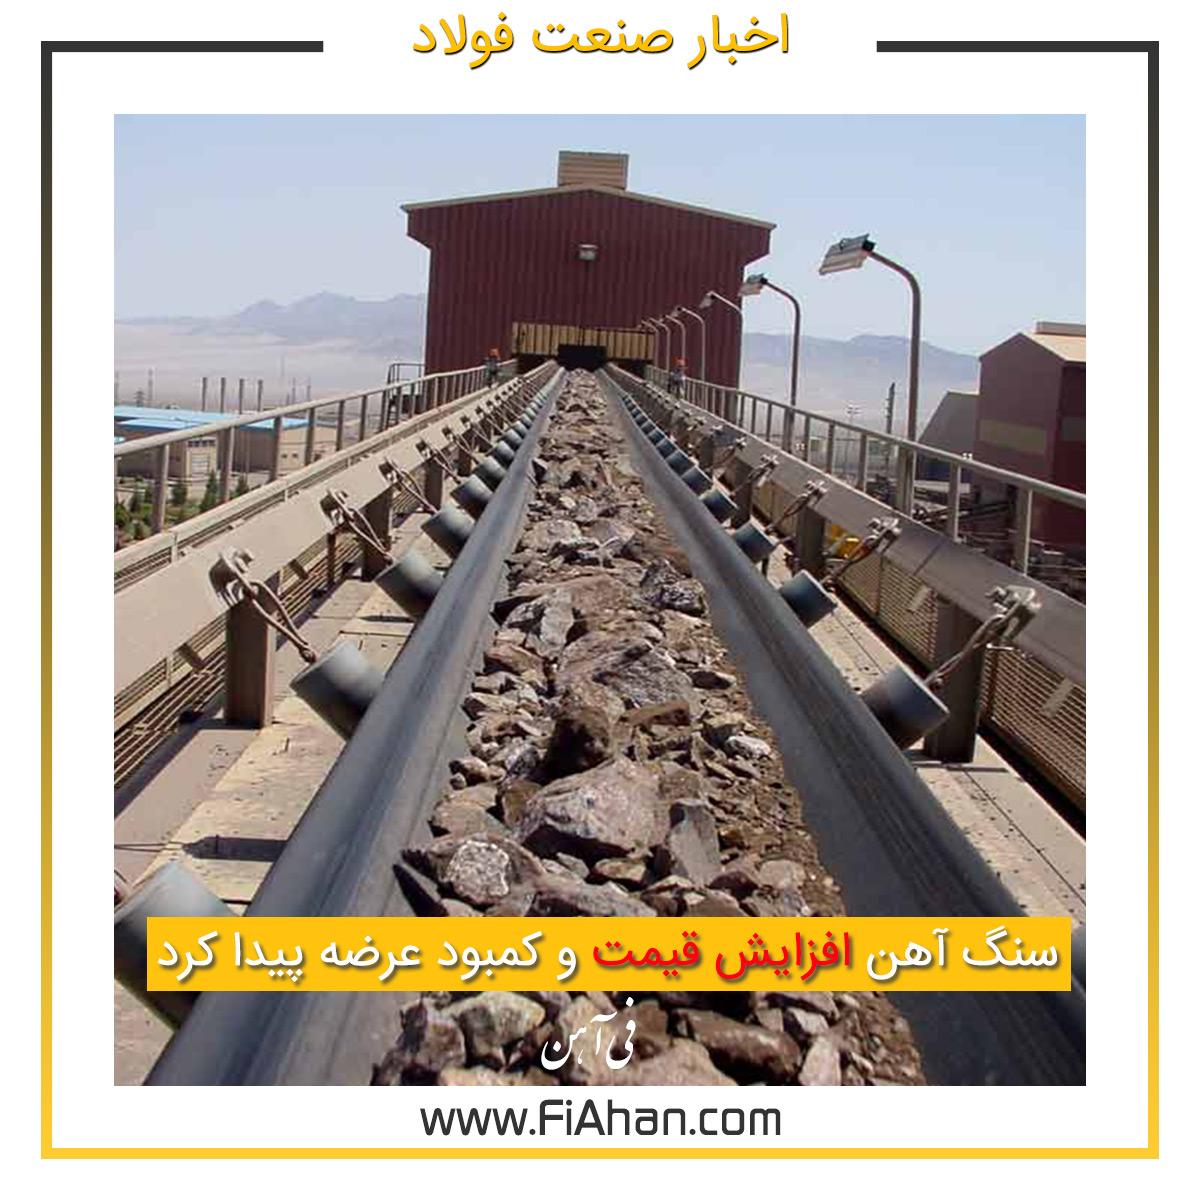 سنگ آهن افزایش قیمت و کمبود عرضه پیدا کرد